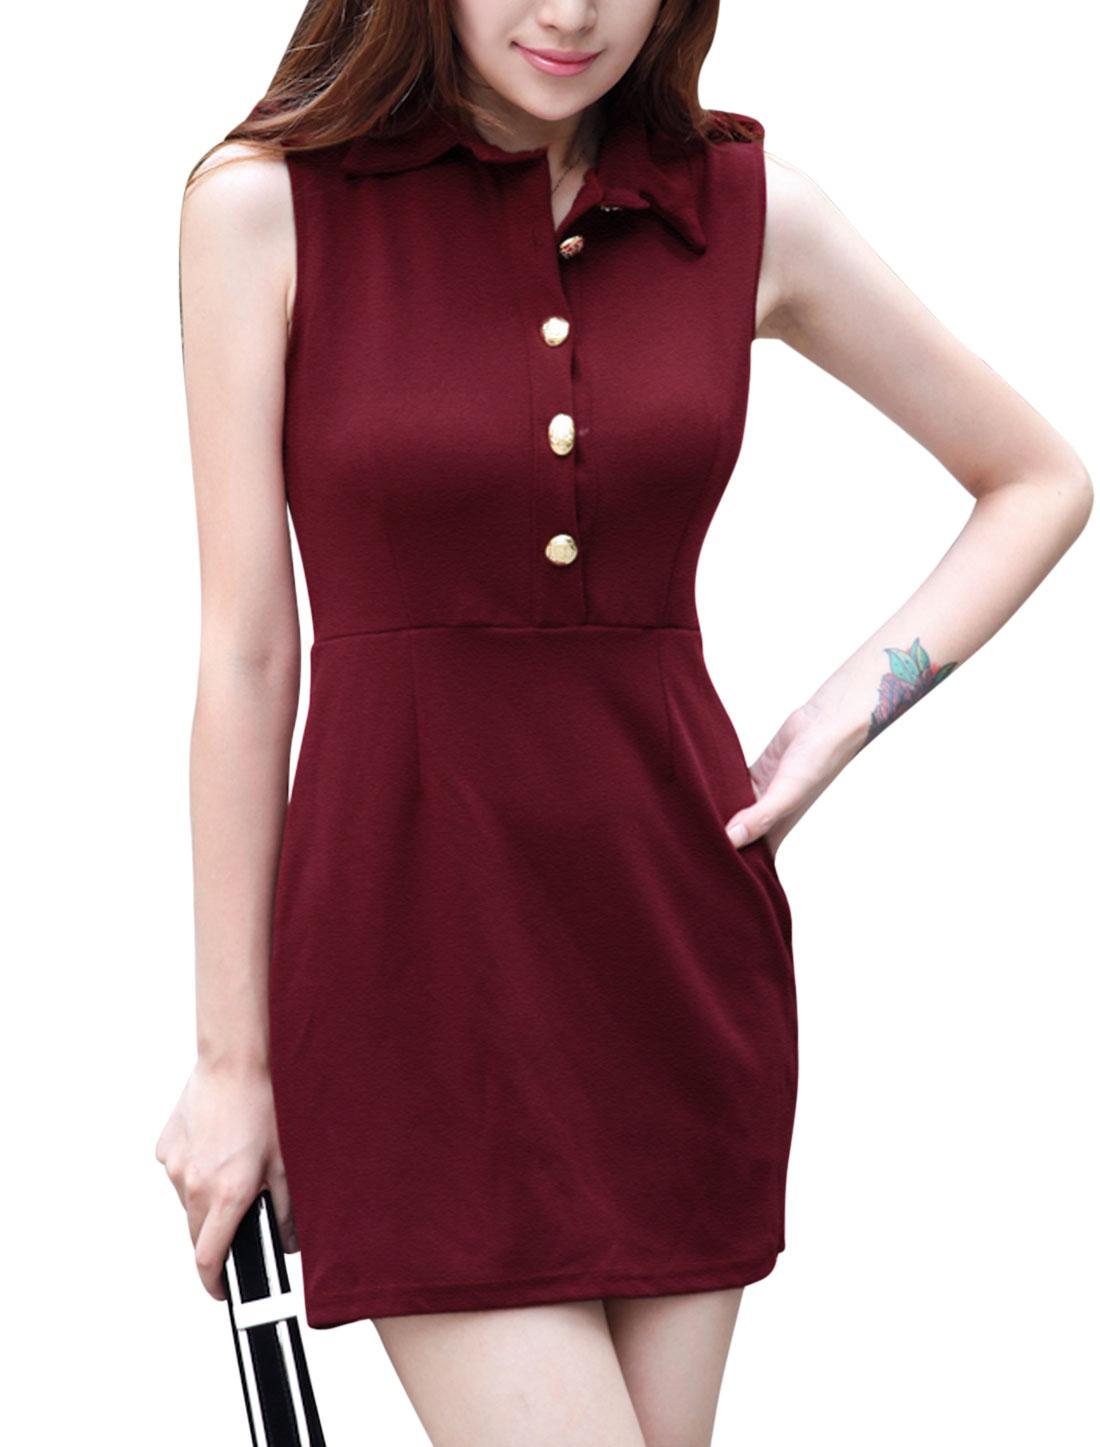 Women Turn Down Collar Multi Strapes Back Pullover Trendy Dress Burgundy S